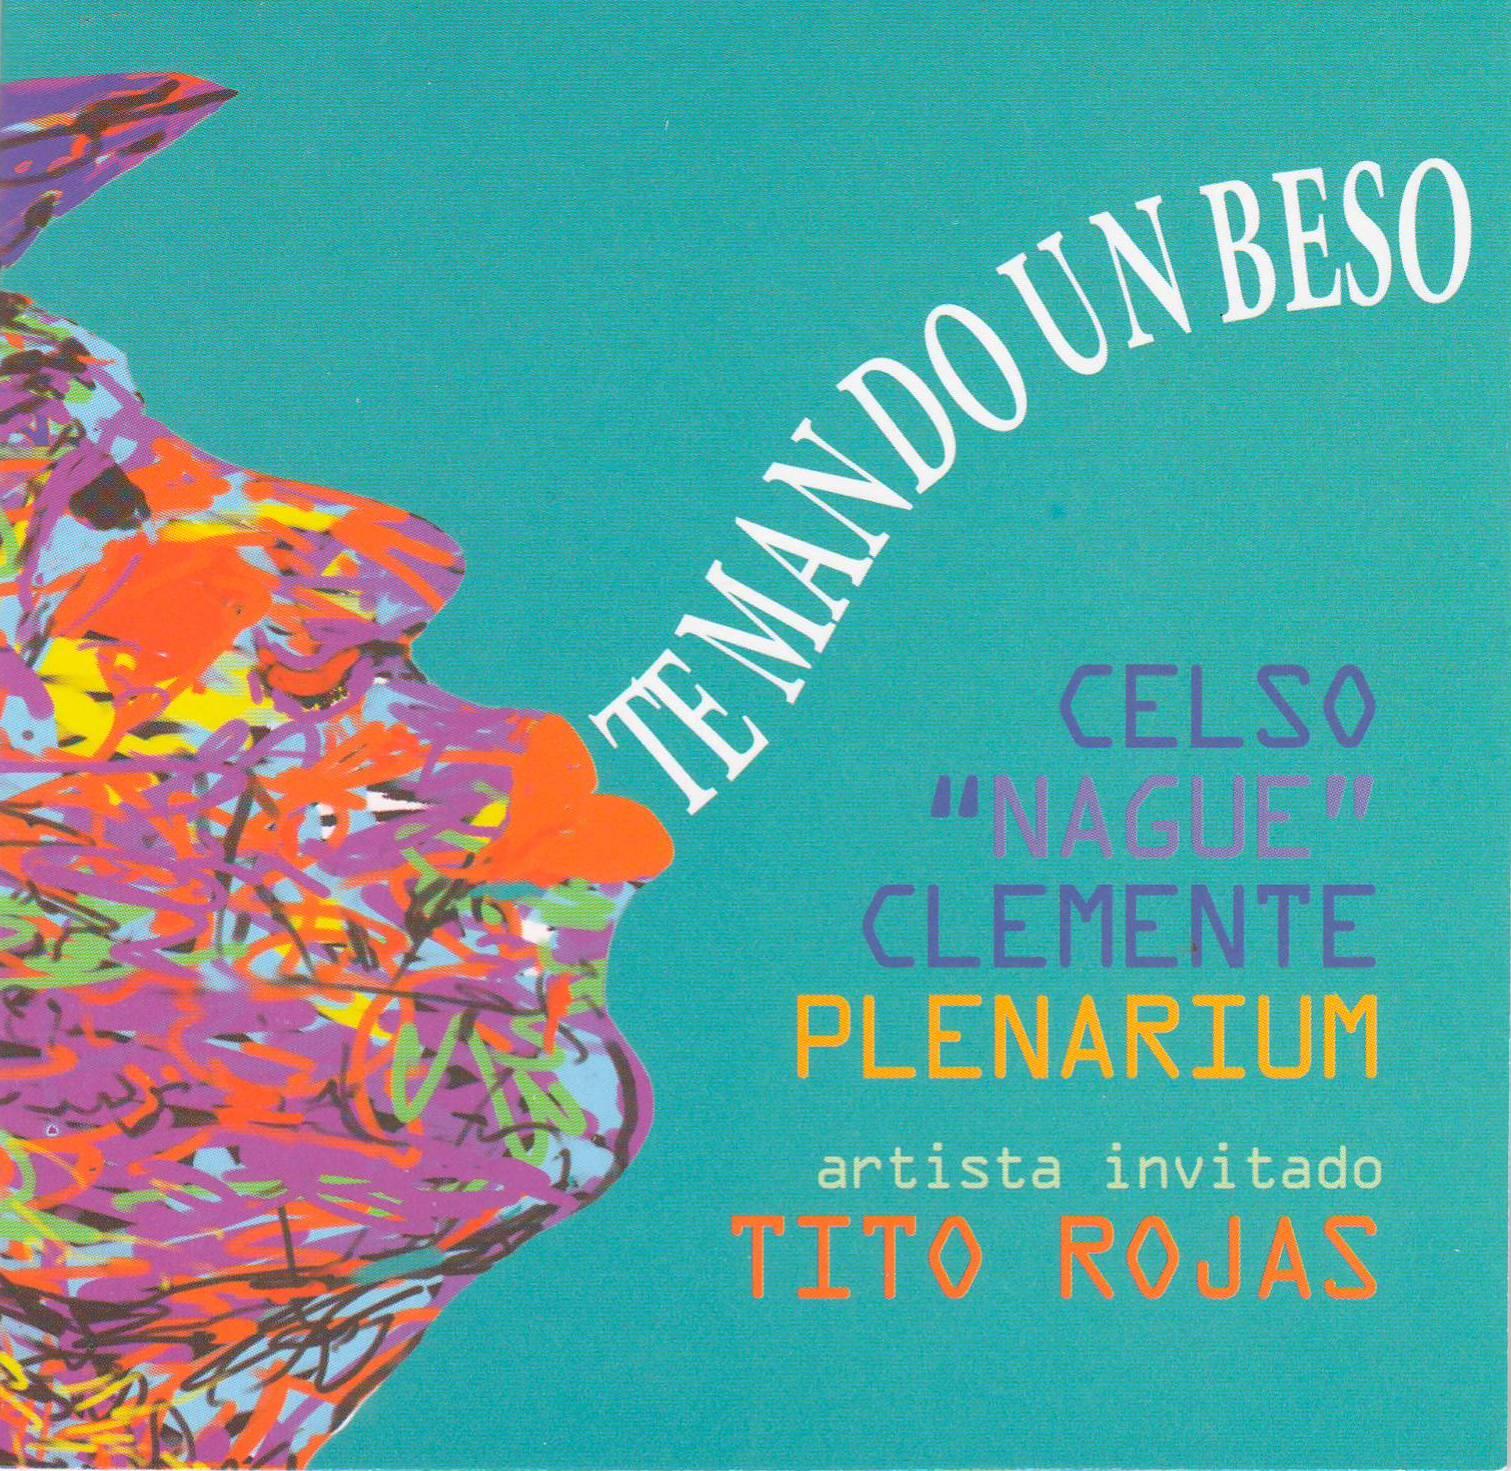 celso-nague-clemente-2015-te-mando-un-beso-400x400